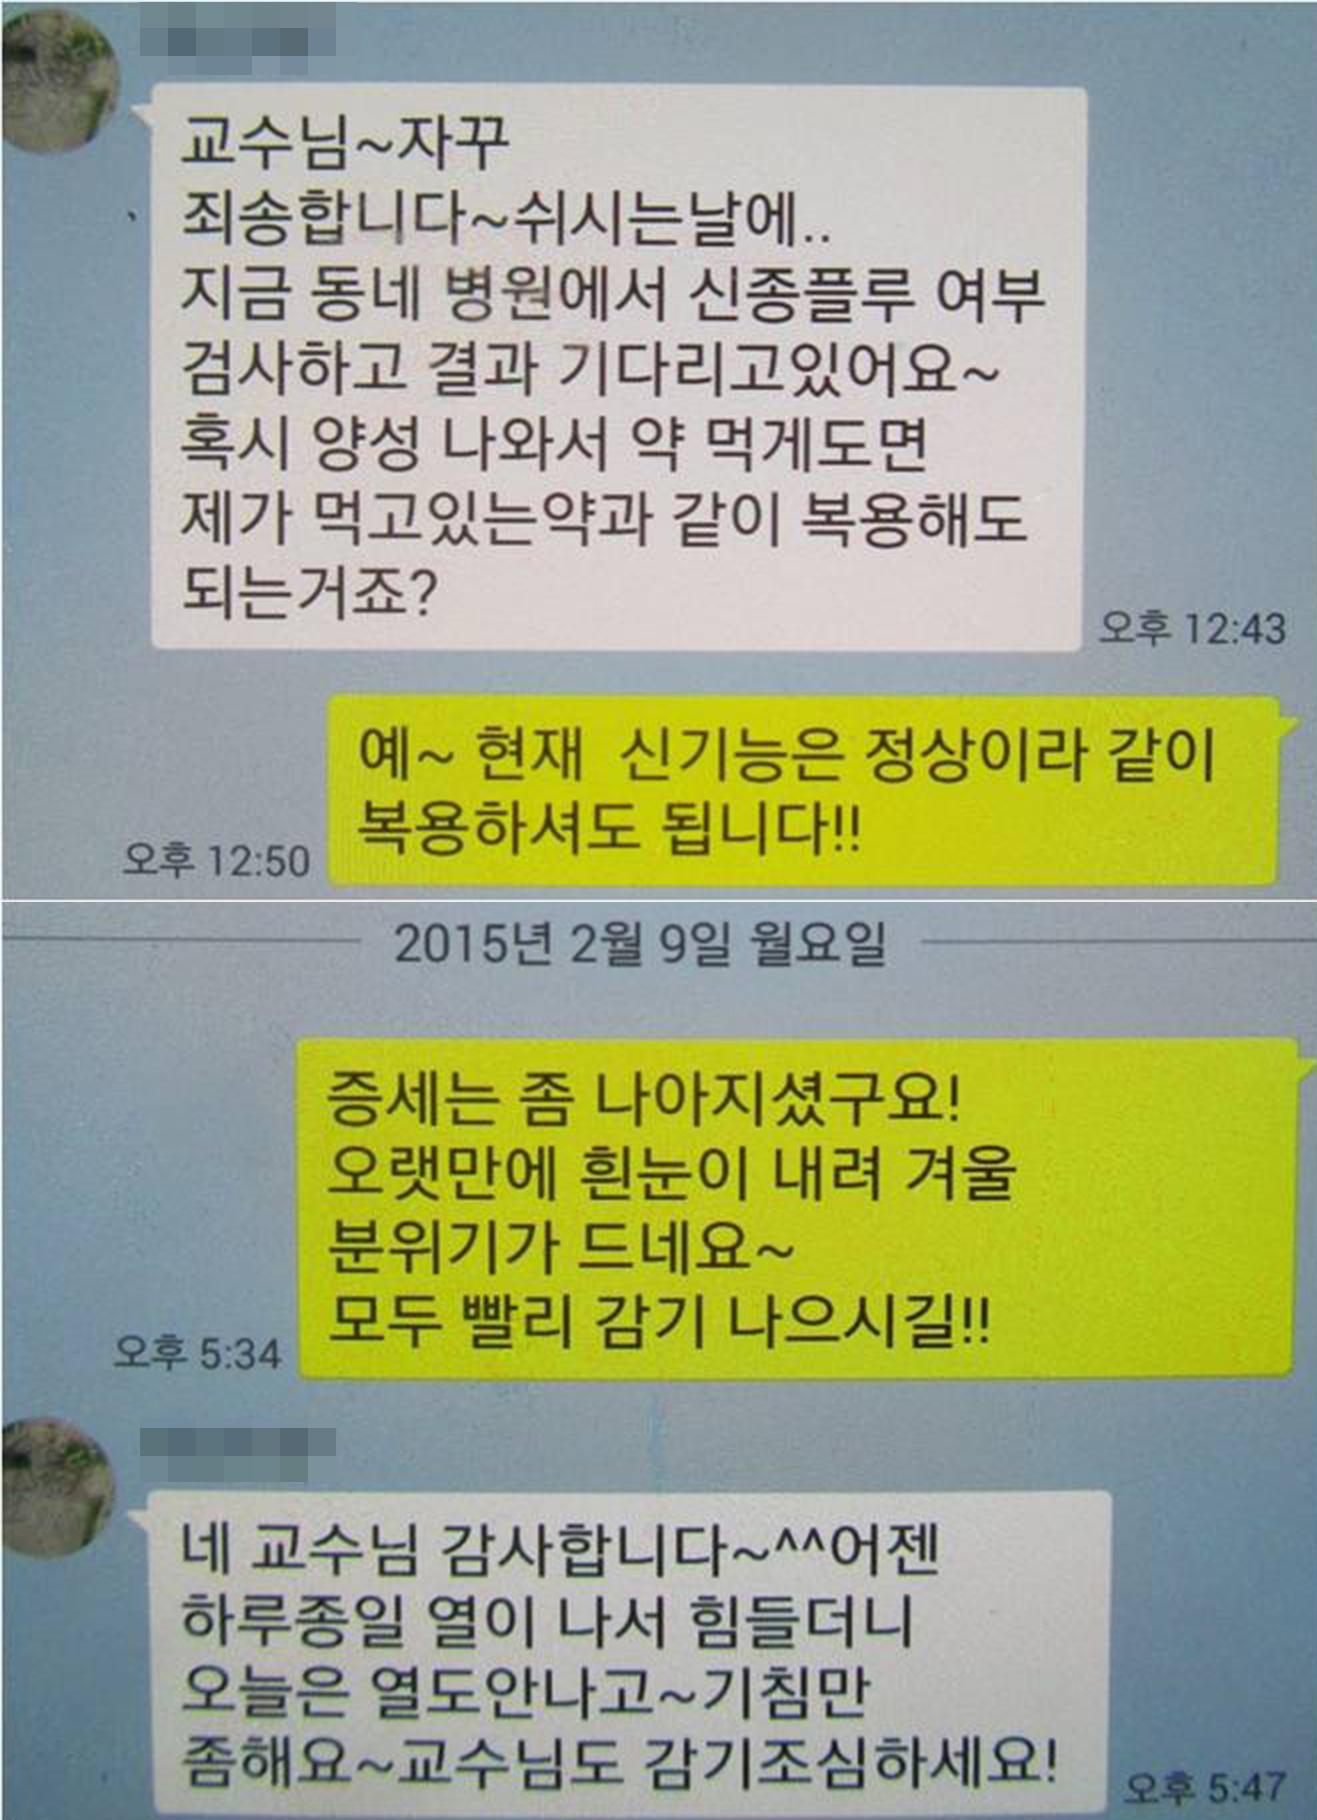 김진국 교수와 환자가 신종플루 접종과 관련해 카톡으로 상담한 내용 [사진 김진국 교수]